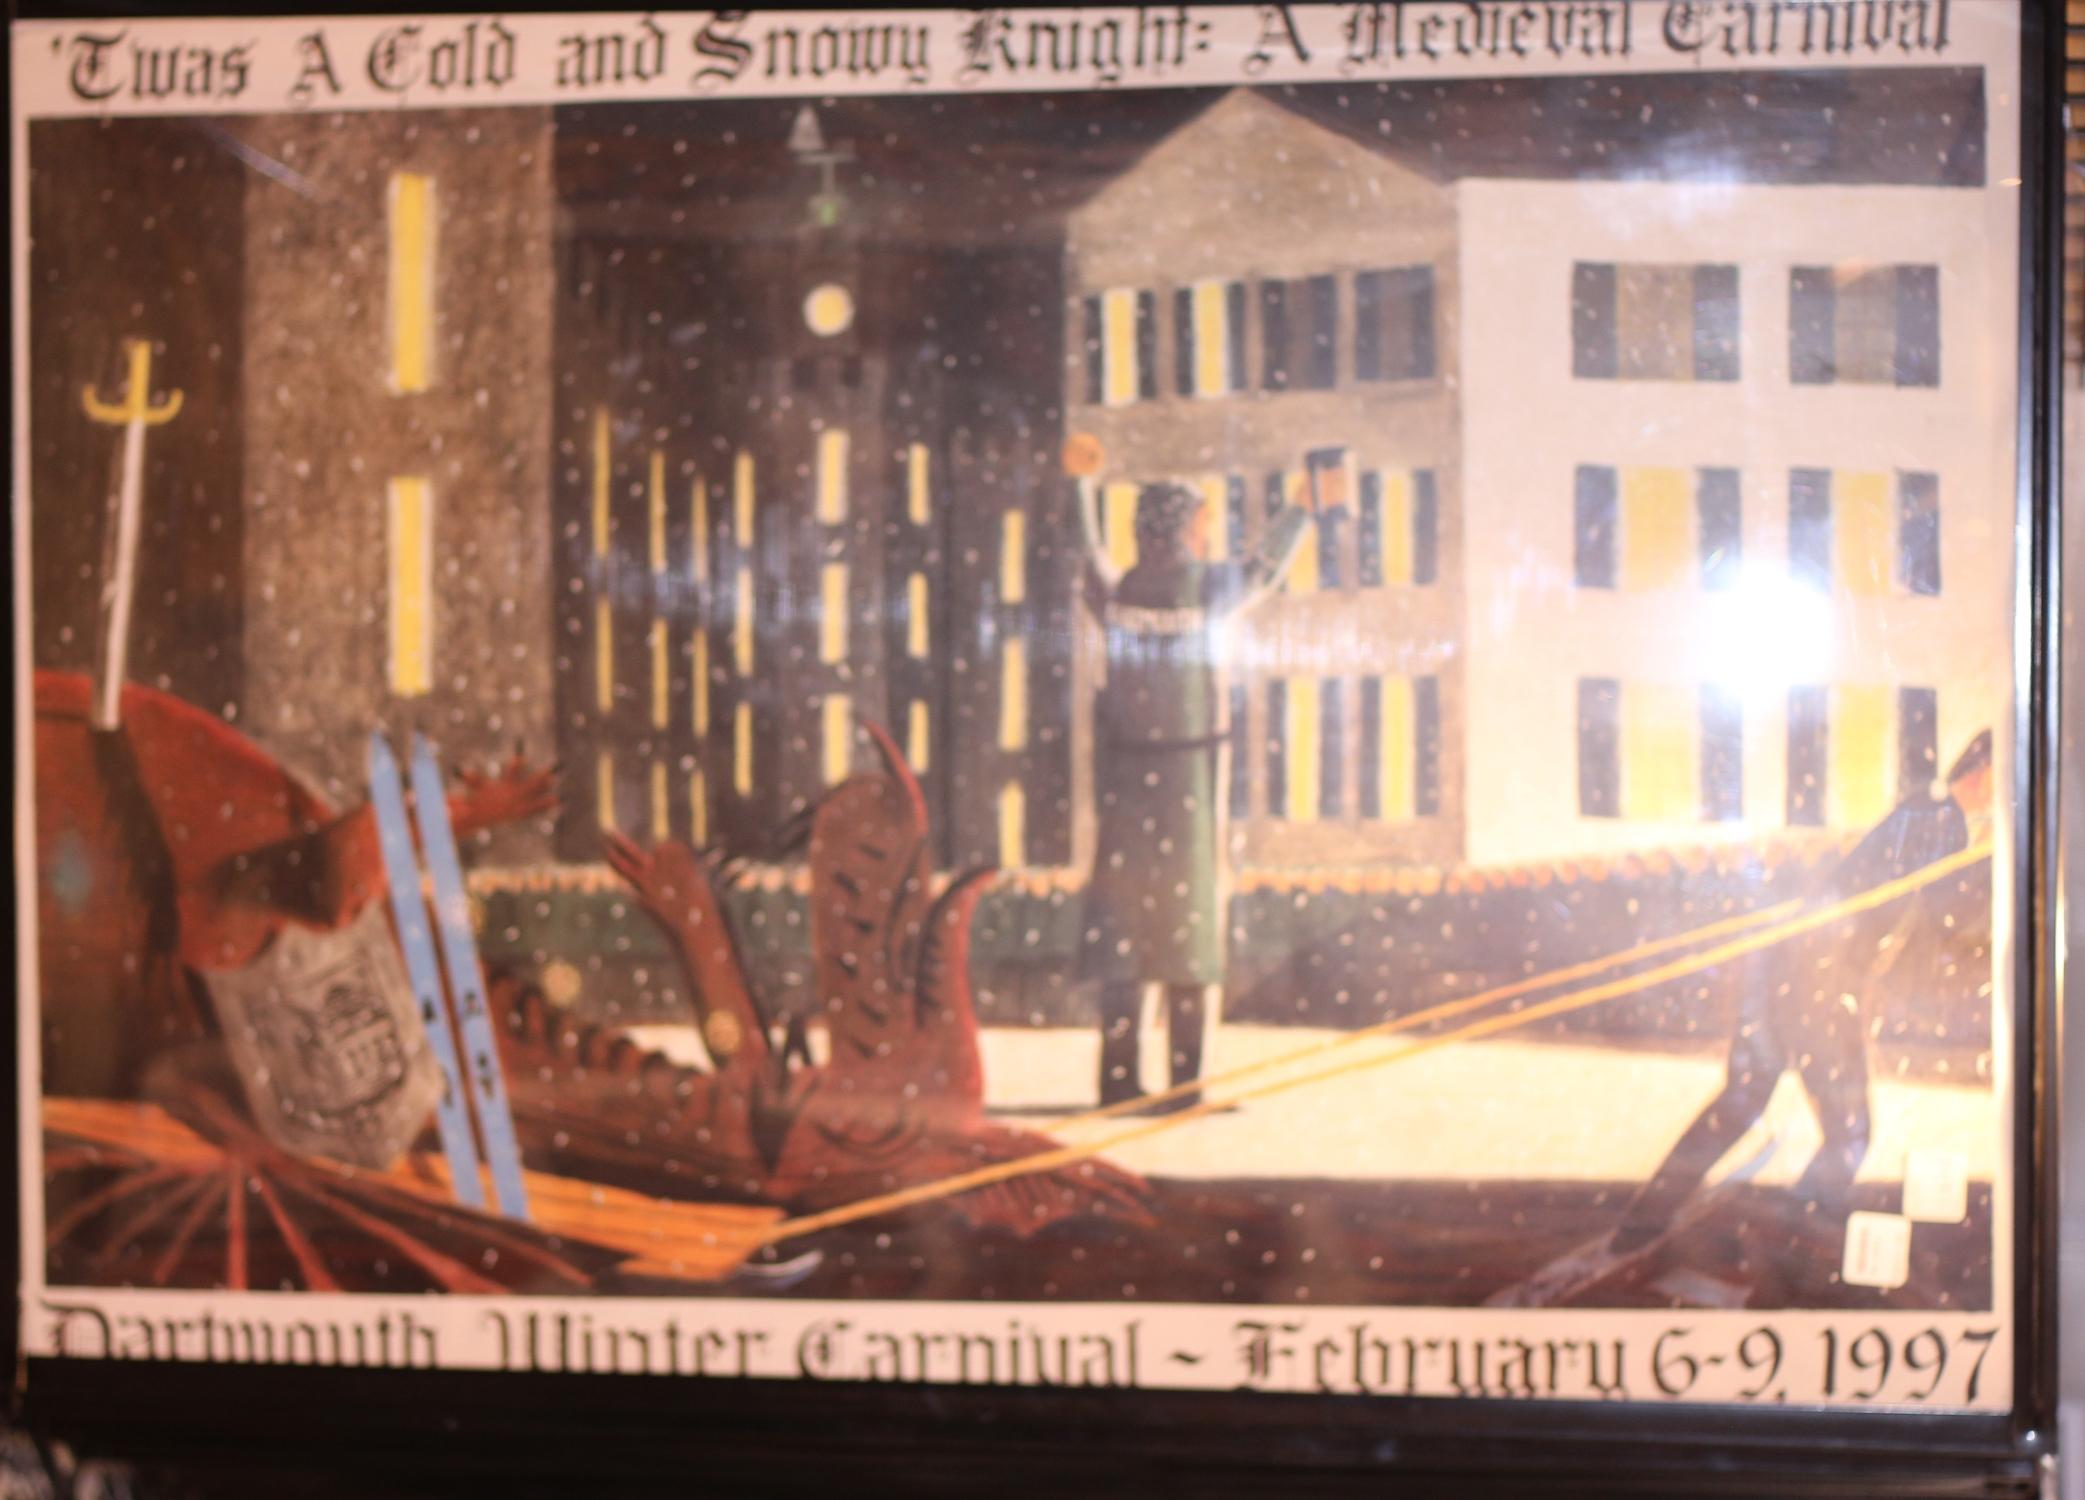 Dartmouth Winter Carnival 1997